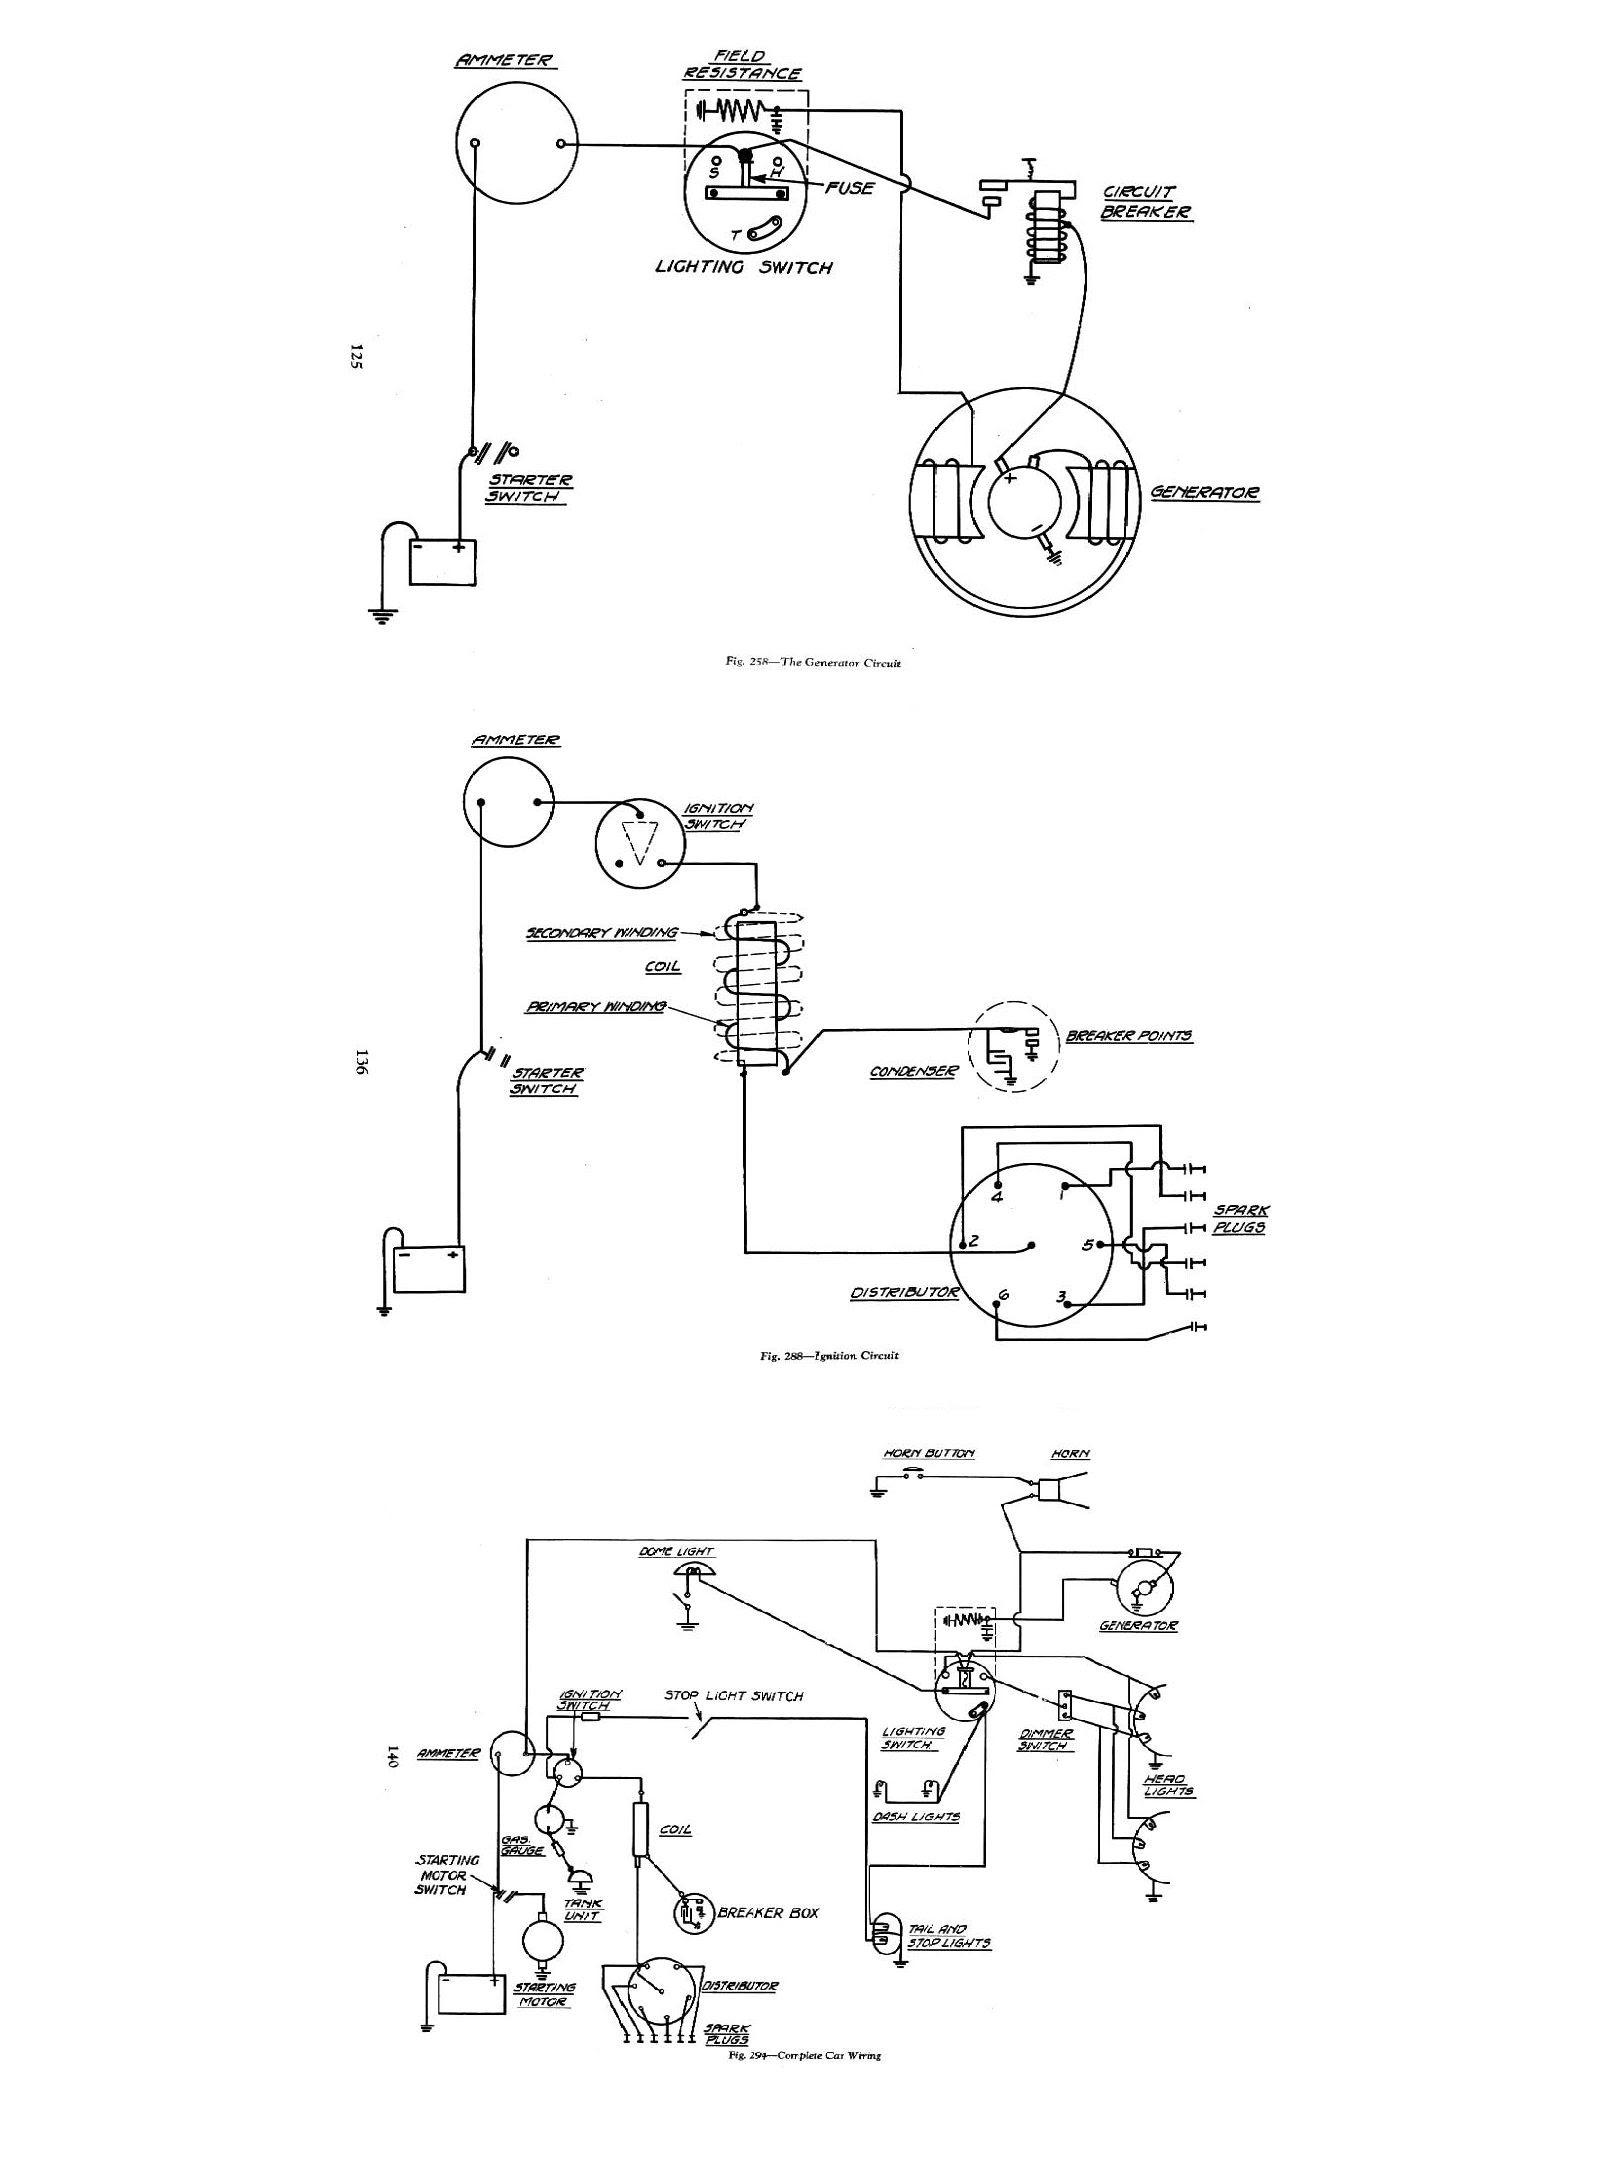 Wiring Manual PDF: 1931 Chevrolet Wiring Diagram